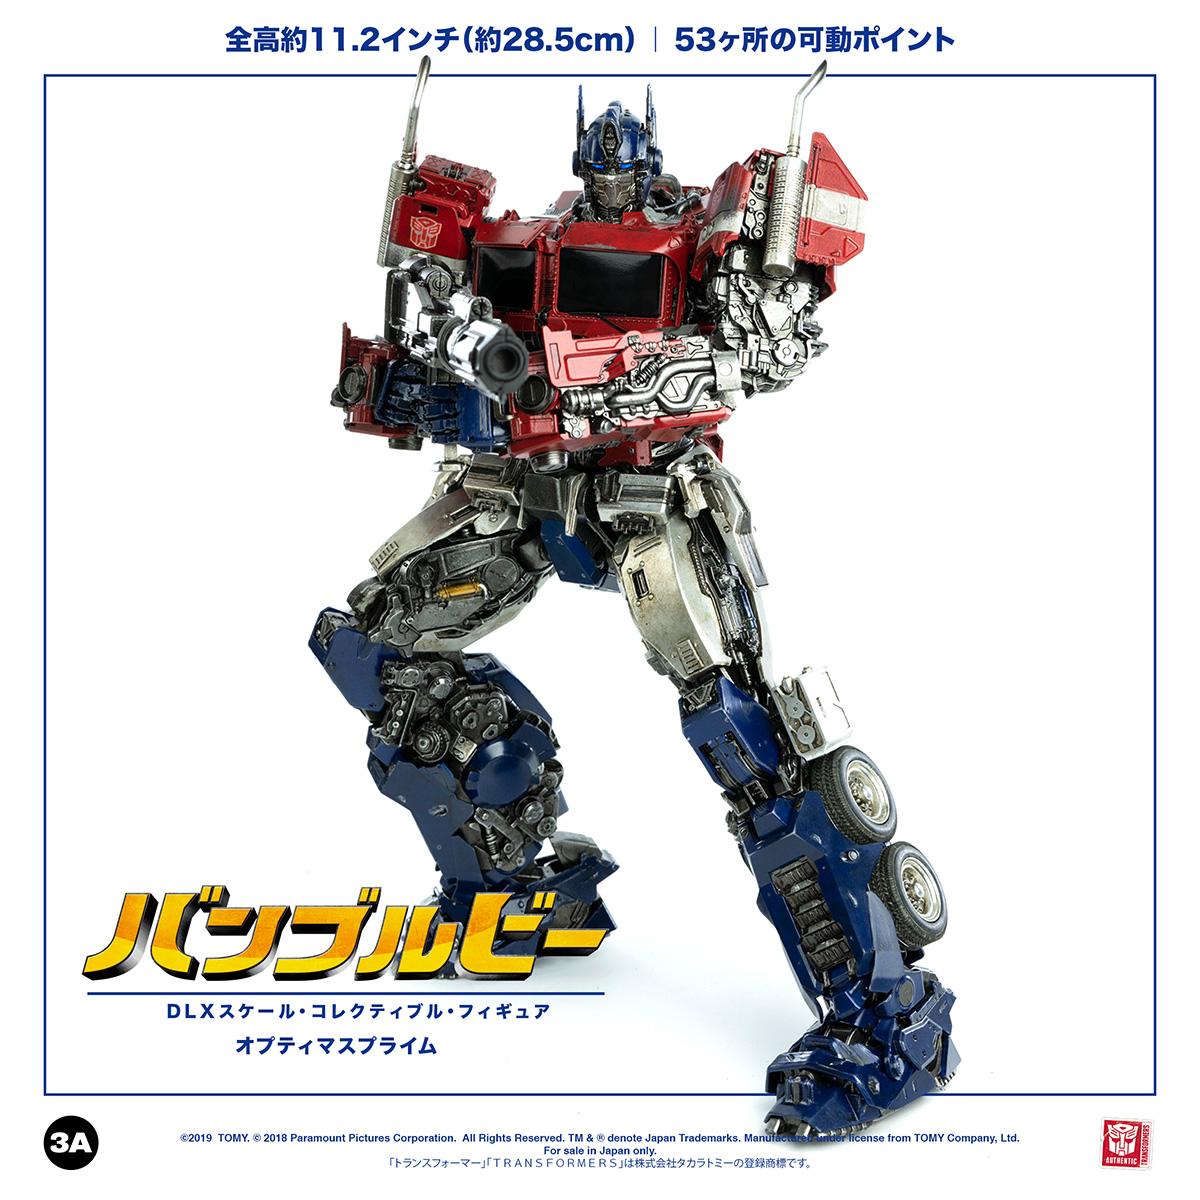 OP_DLX_JAP_6030.jpg